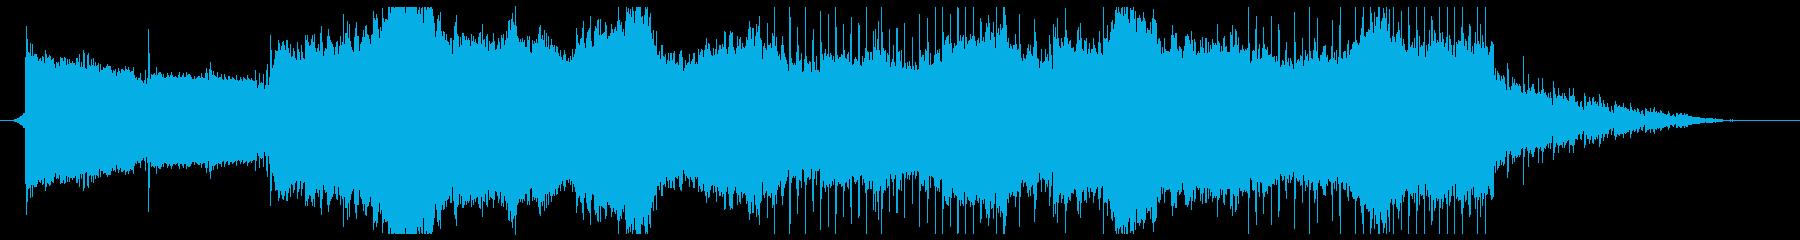 幻想的で優しいピアノのスローなチルアウトの再生済みの波形